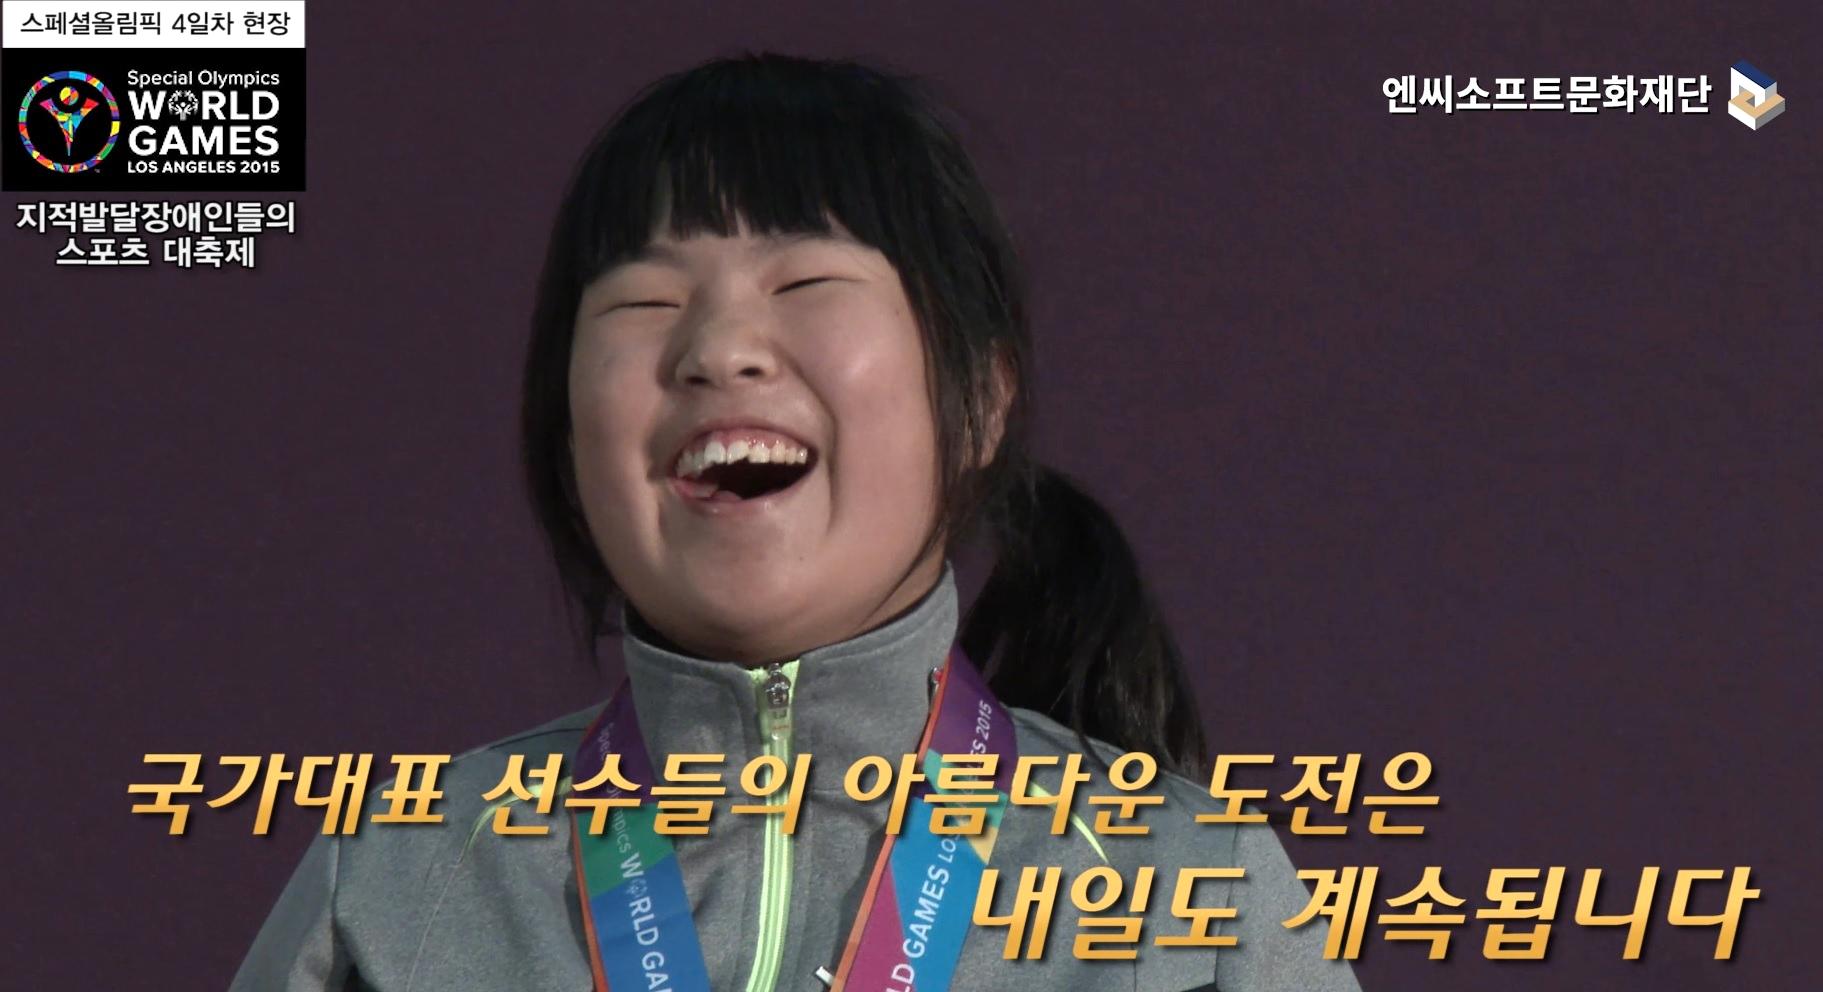 발달장애인 스포츠 대회인 스페셜 올림픽의 한 장며